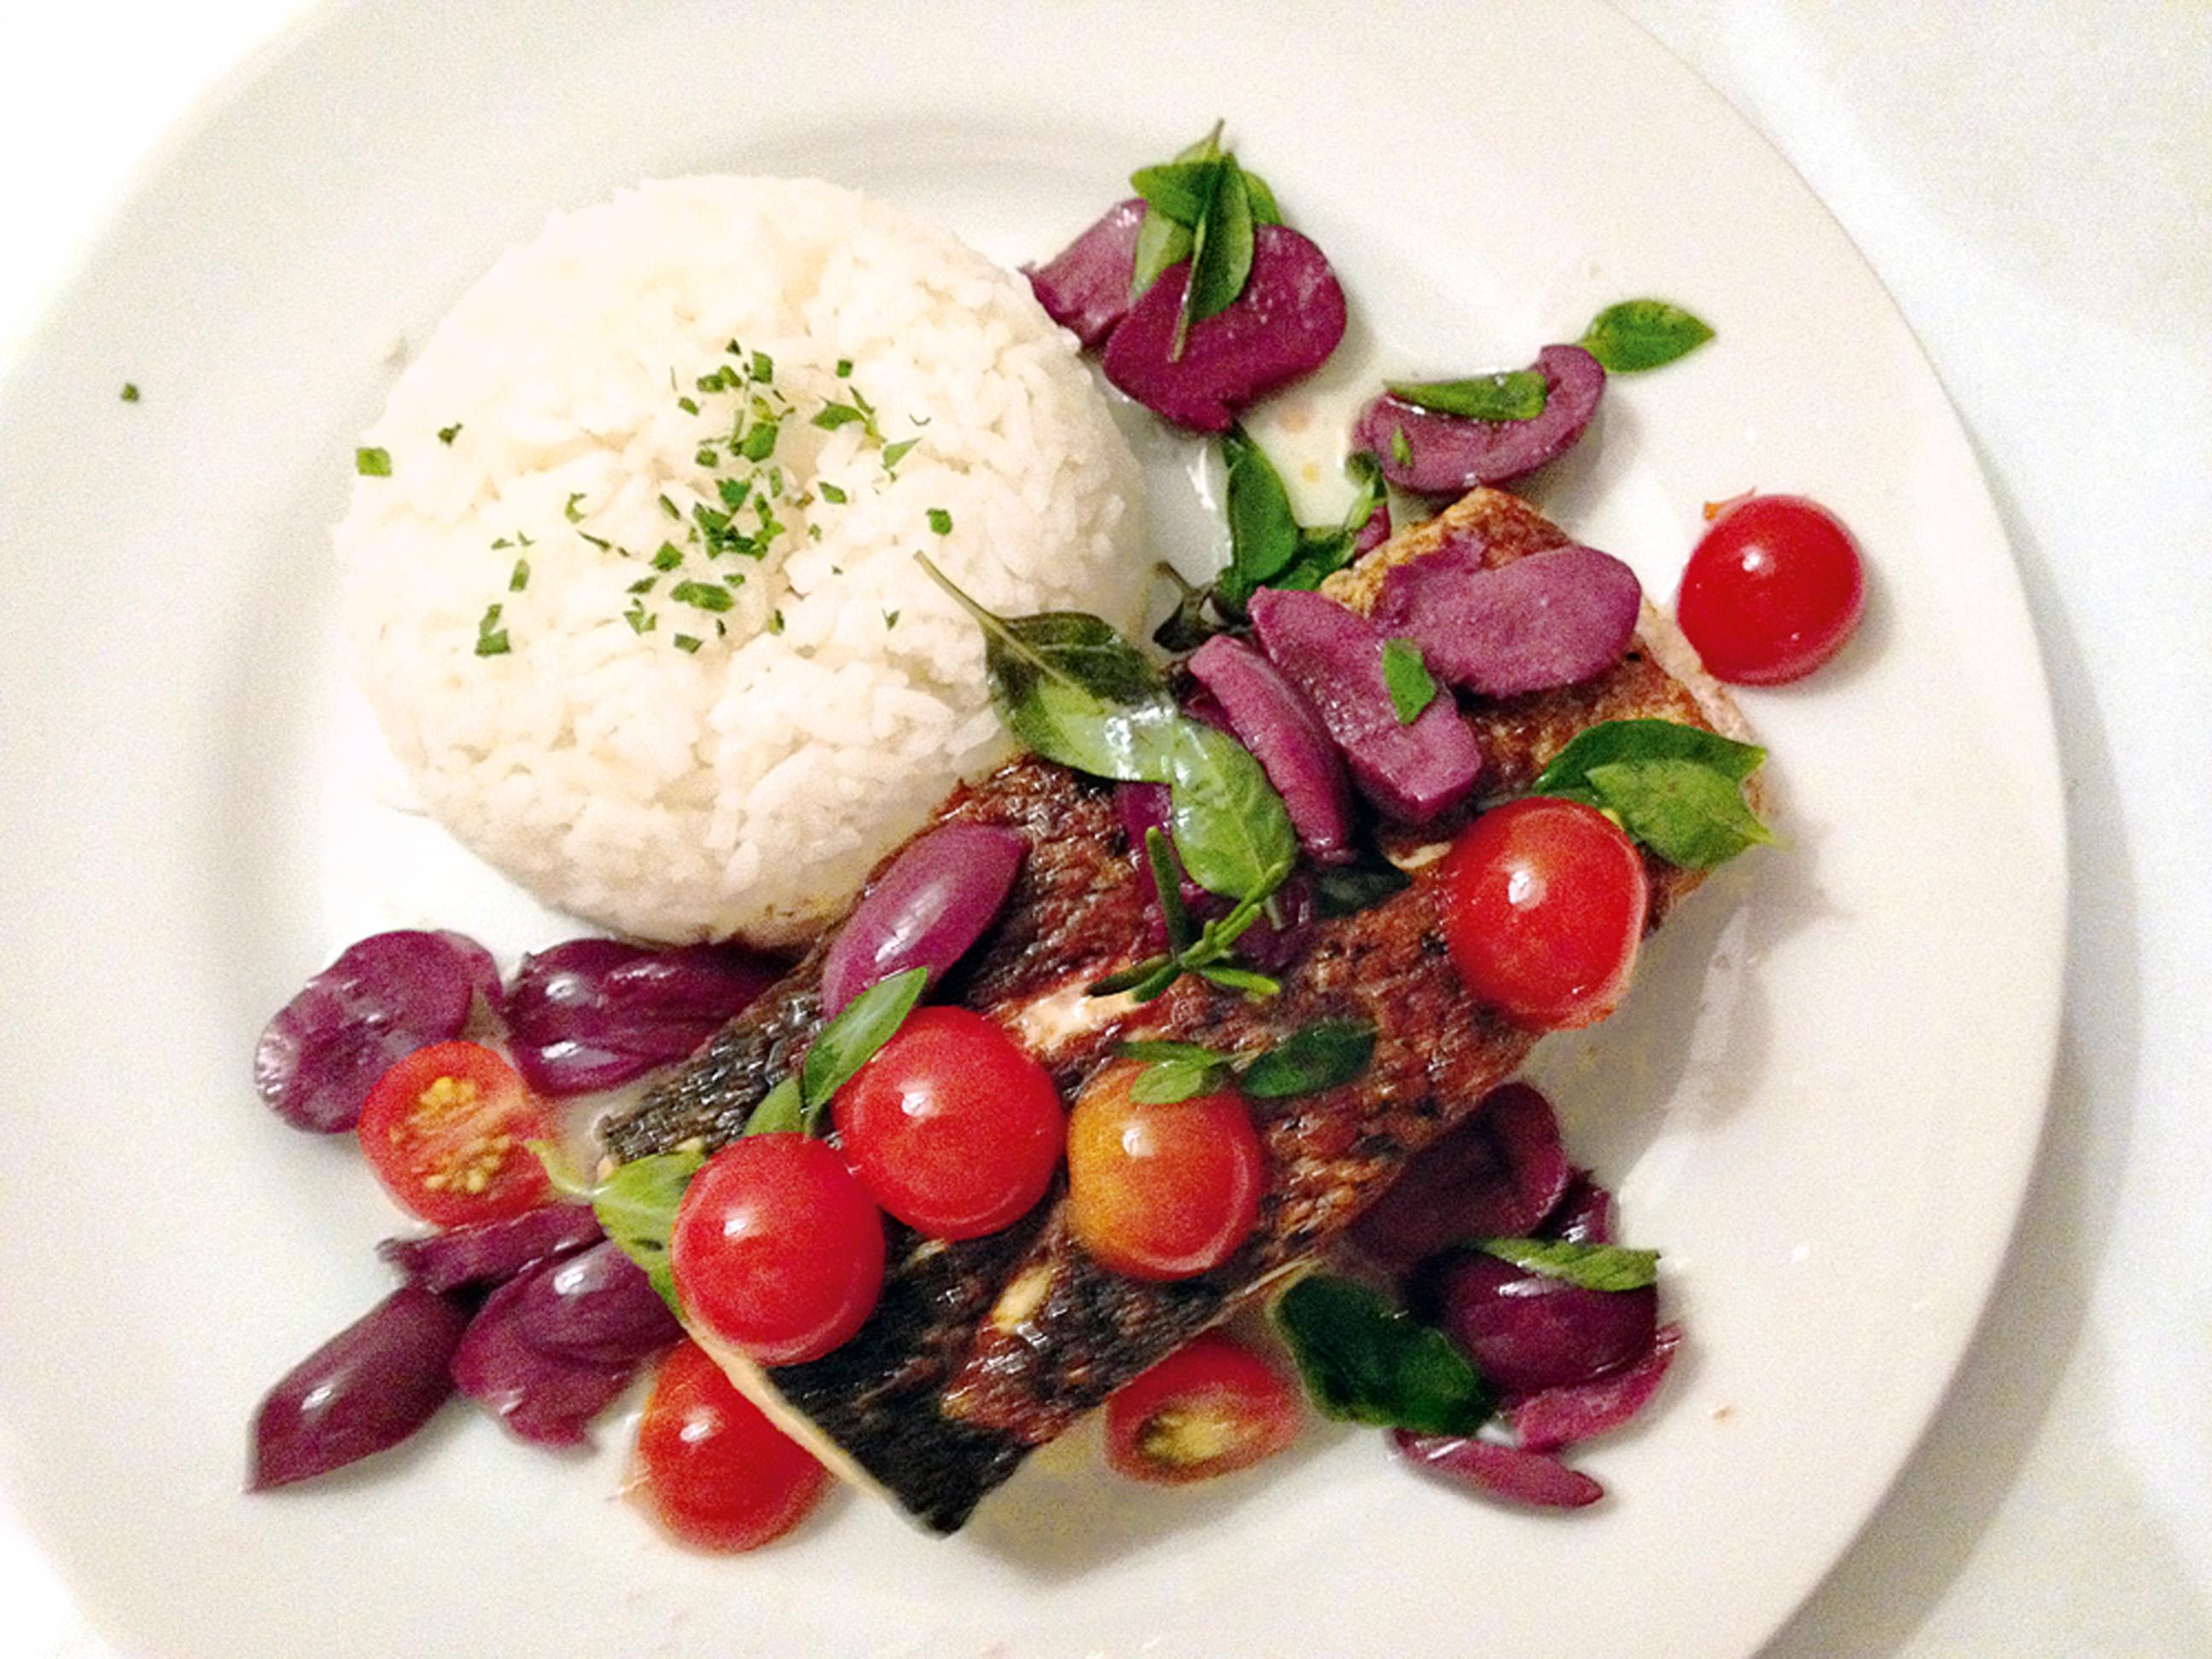 """22:00 """"Jantar no hotel depois de um dia cheio: salmão grelhado com azeitonas, tomate e arroz."""""""